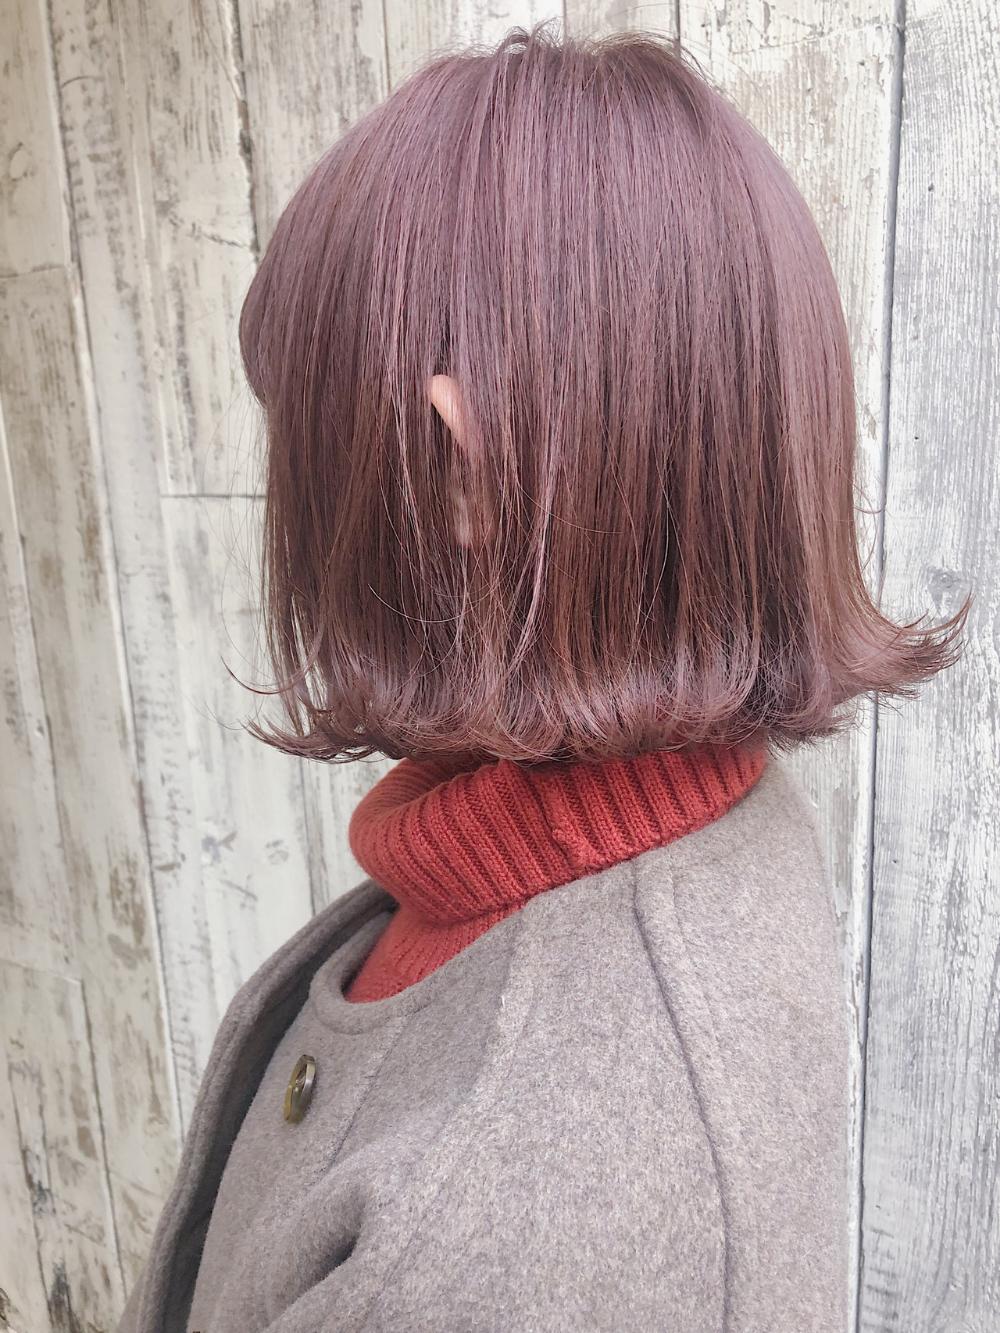 今ドキのベージュカラーは美味しそう 髪色褒められるカラーレシピ ピンクベージュ ヘアカラー ピンクベージュ 髪 色